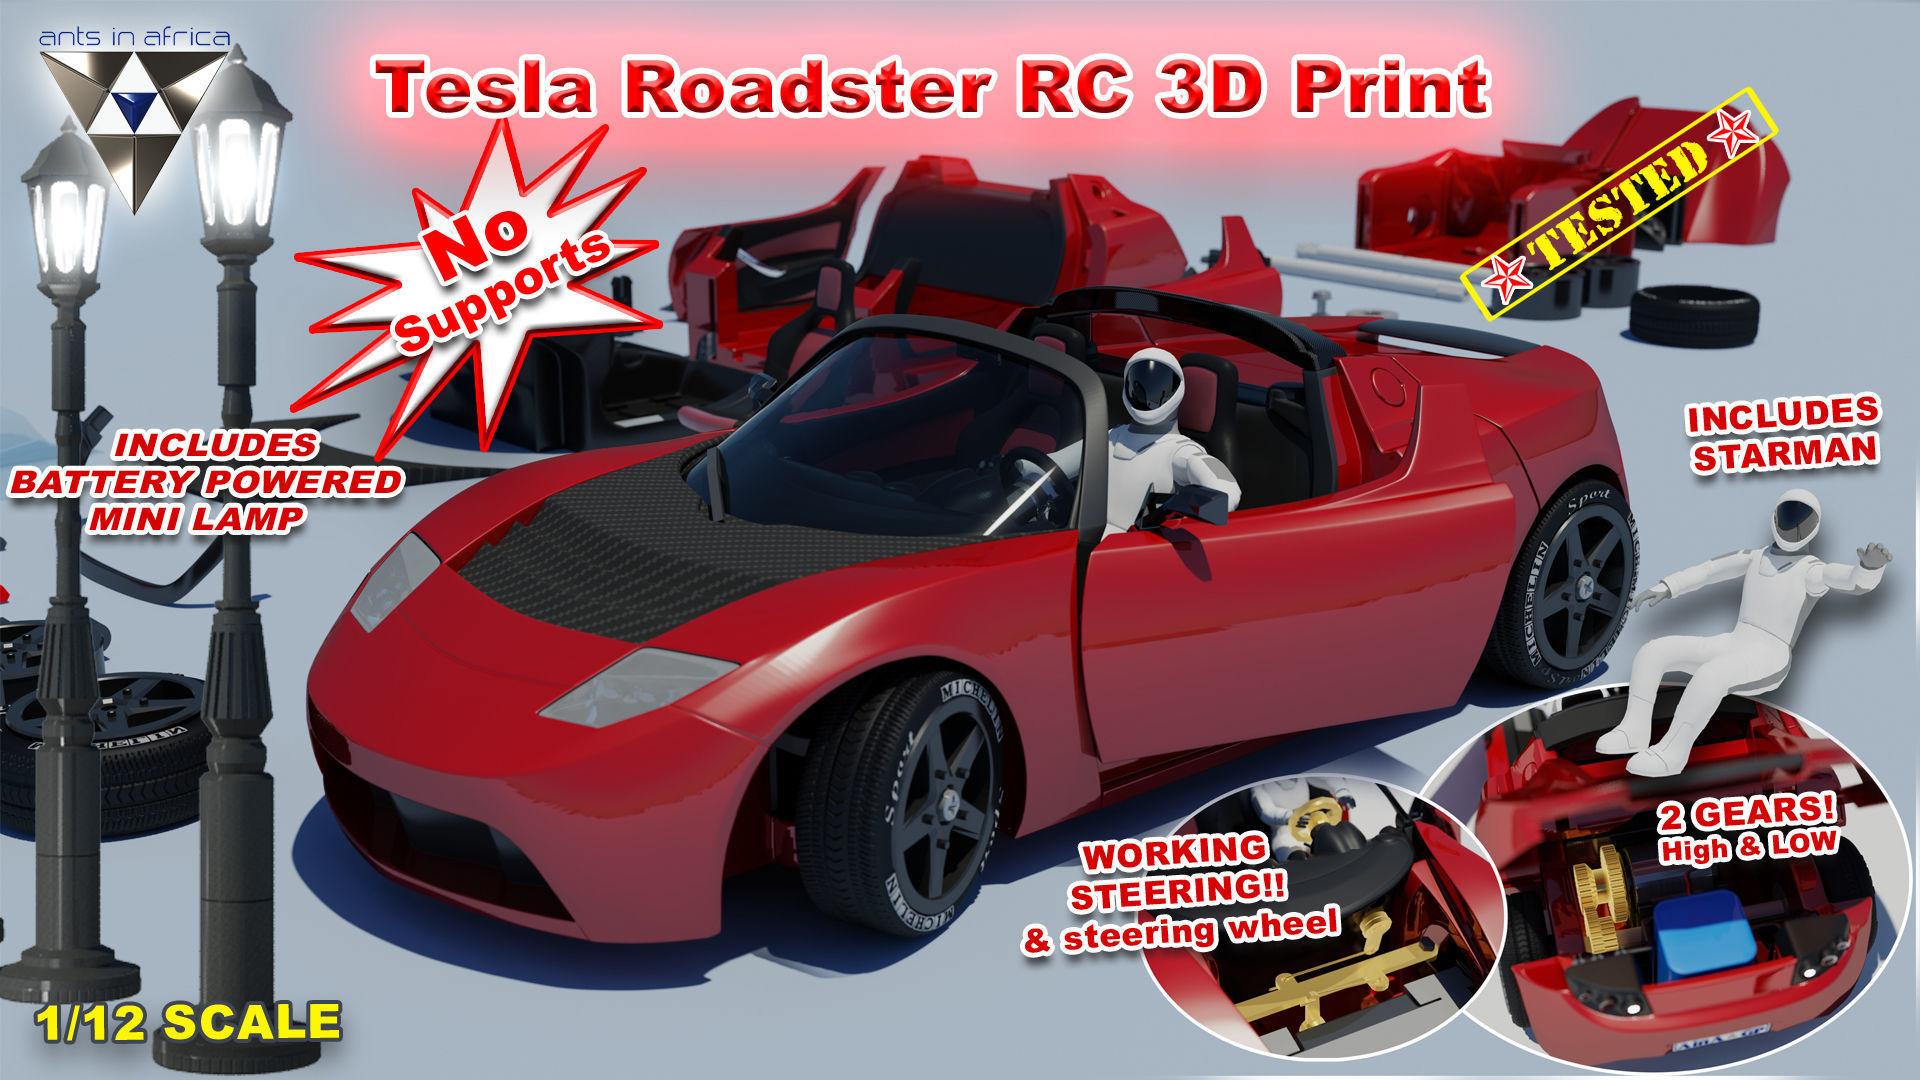 Tesla Roadster RC